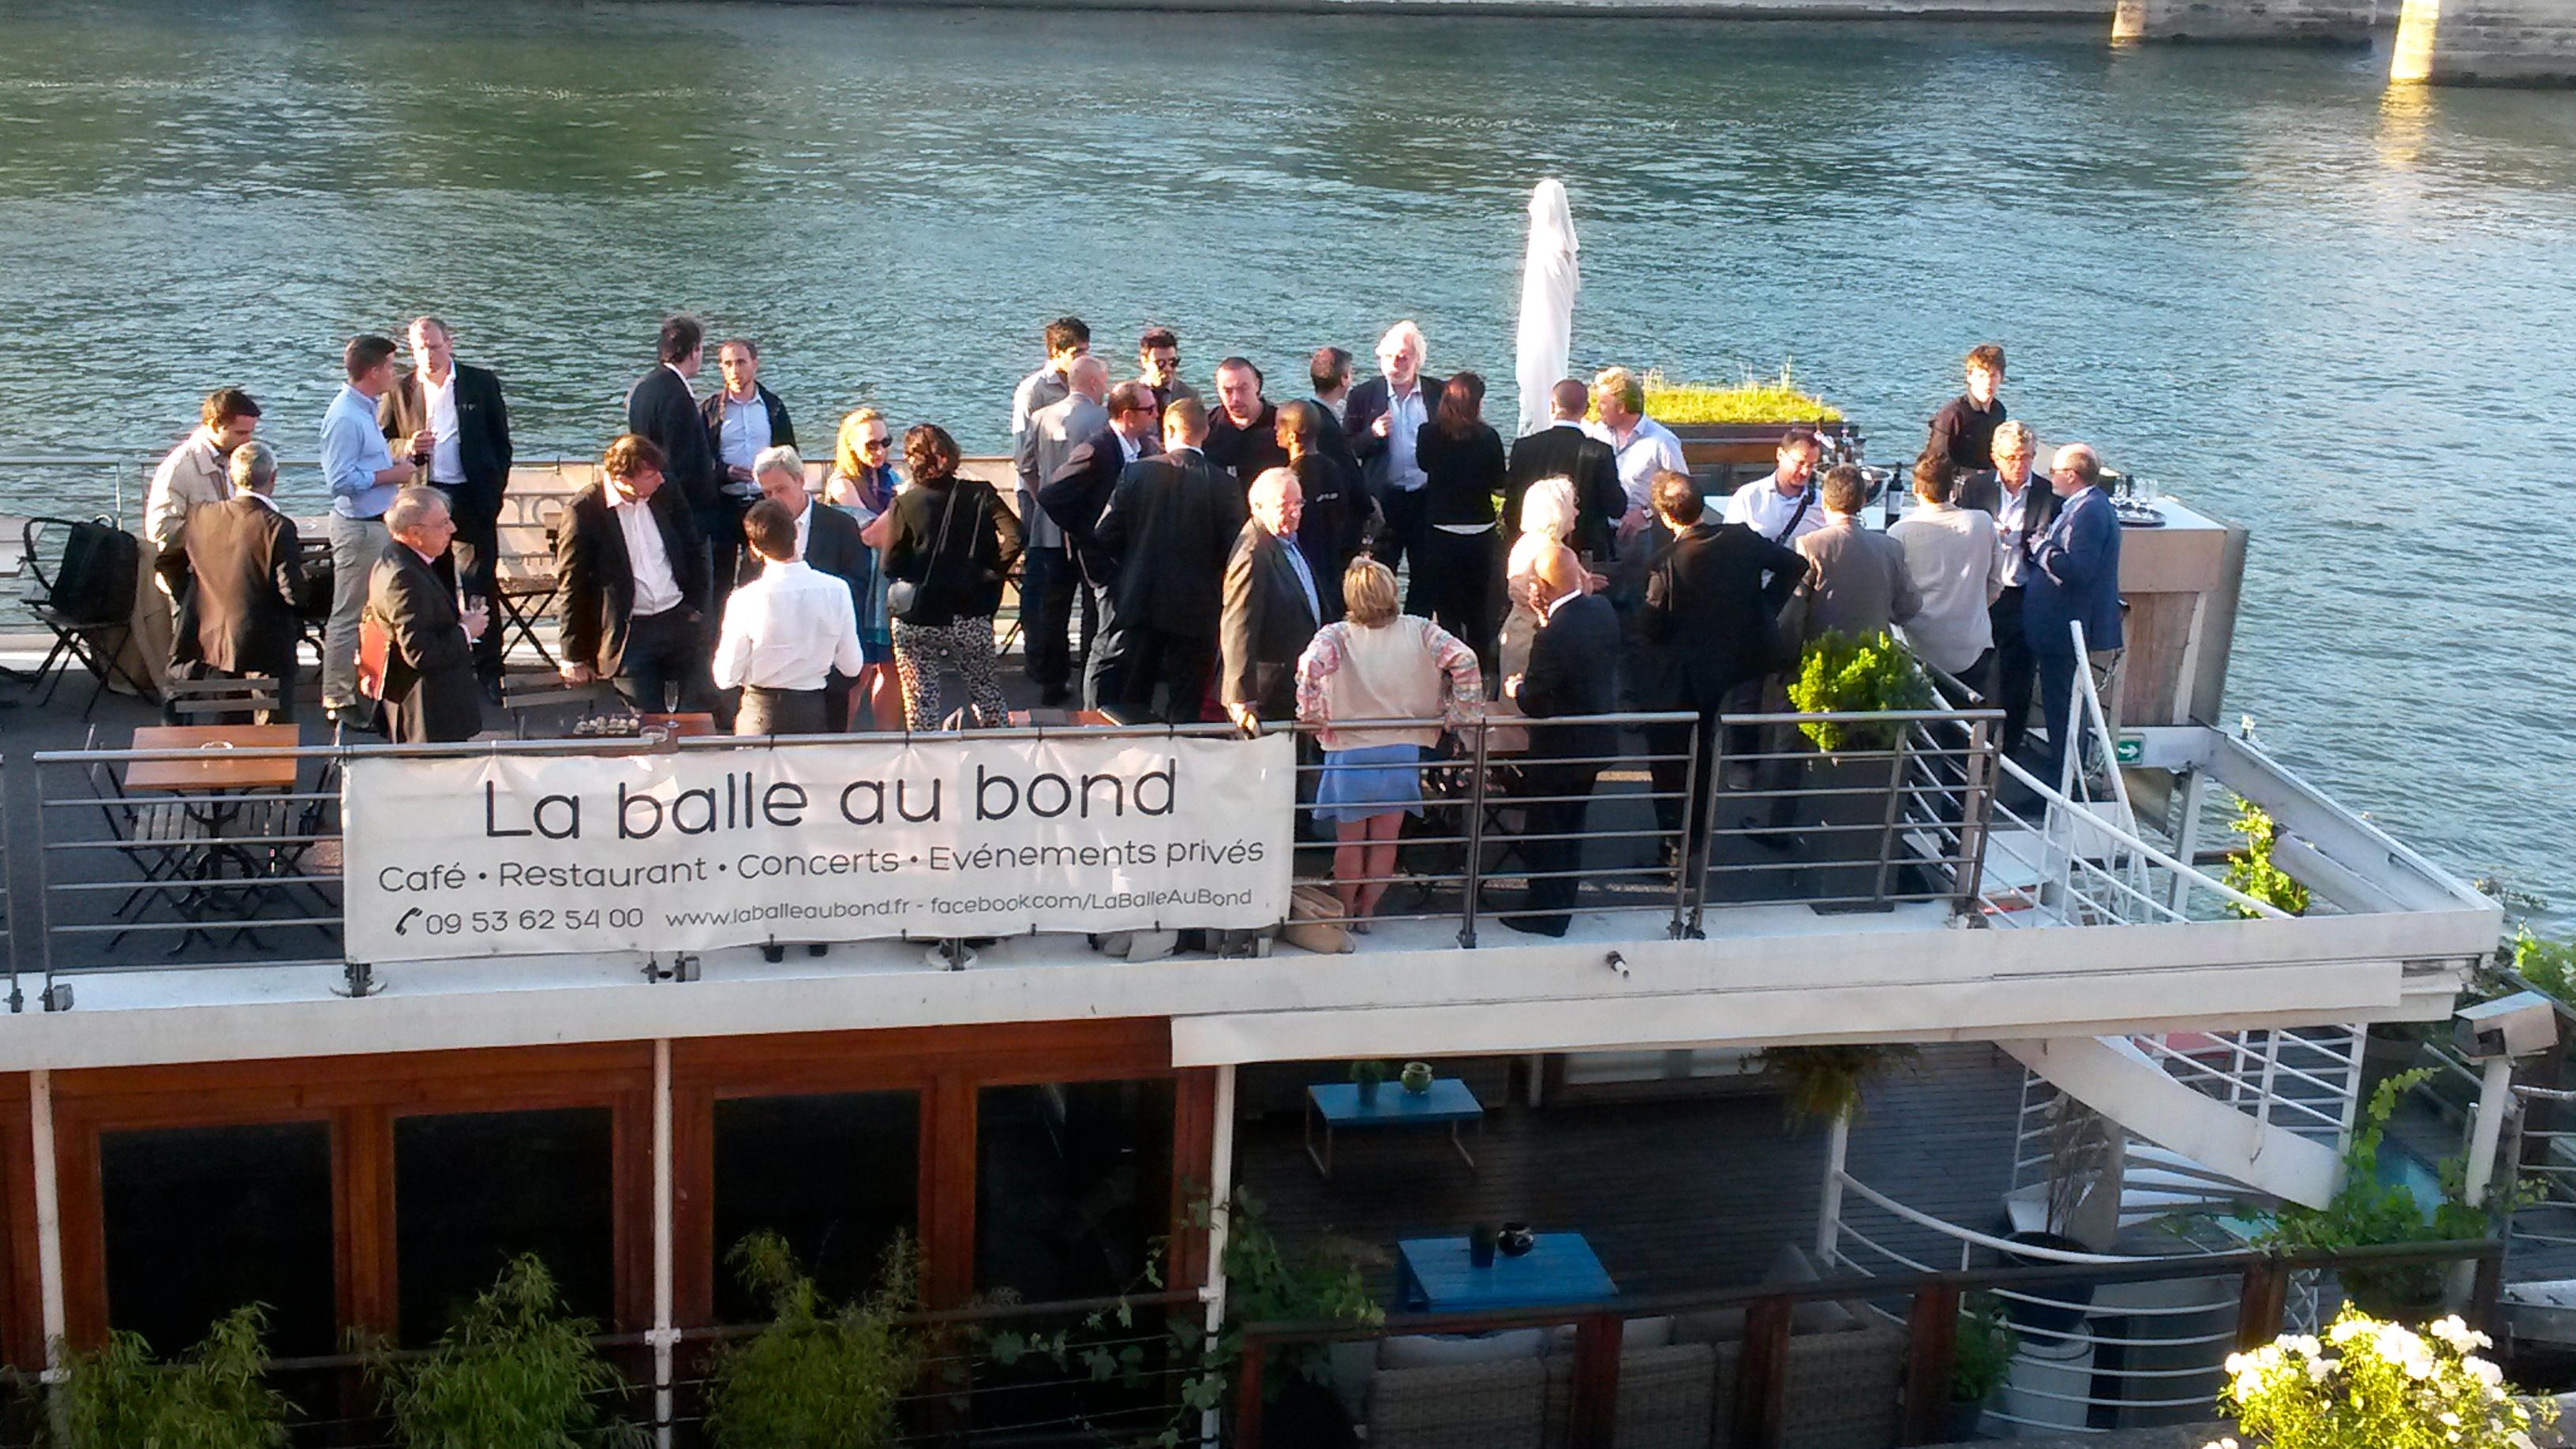 Business angels et auto-entrepreneurs se réunissent autours d'un cocktail sur la péniche La balle au bond